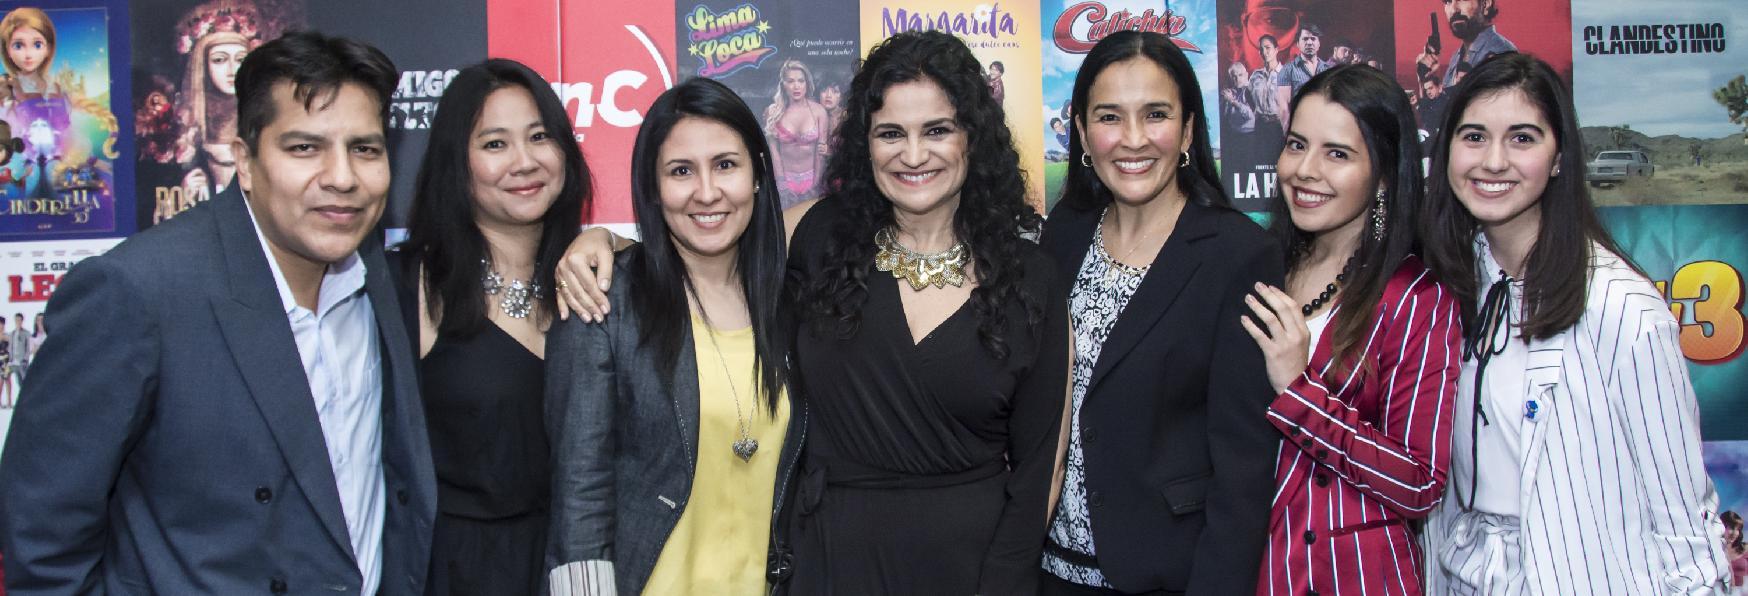 Tondero, la Compagnia di Produzione Peruviana, annuncia ben Quattro nuove Serie TV